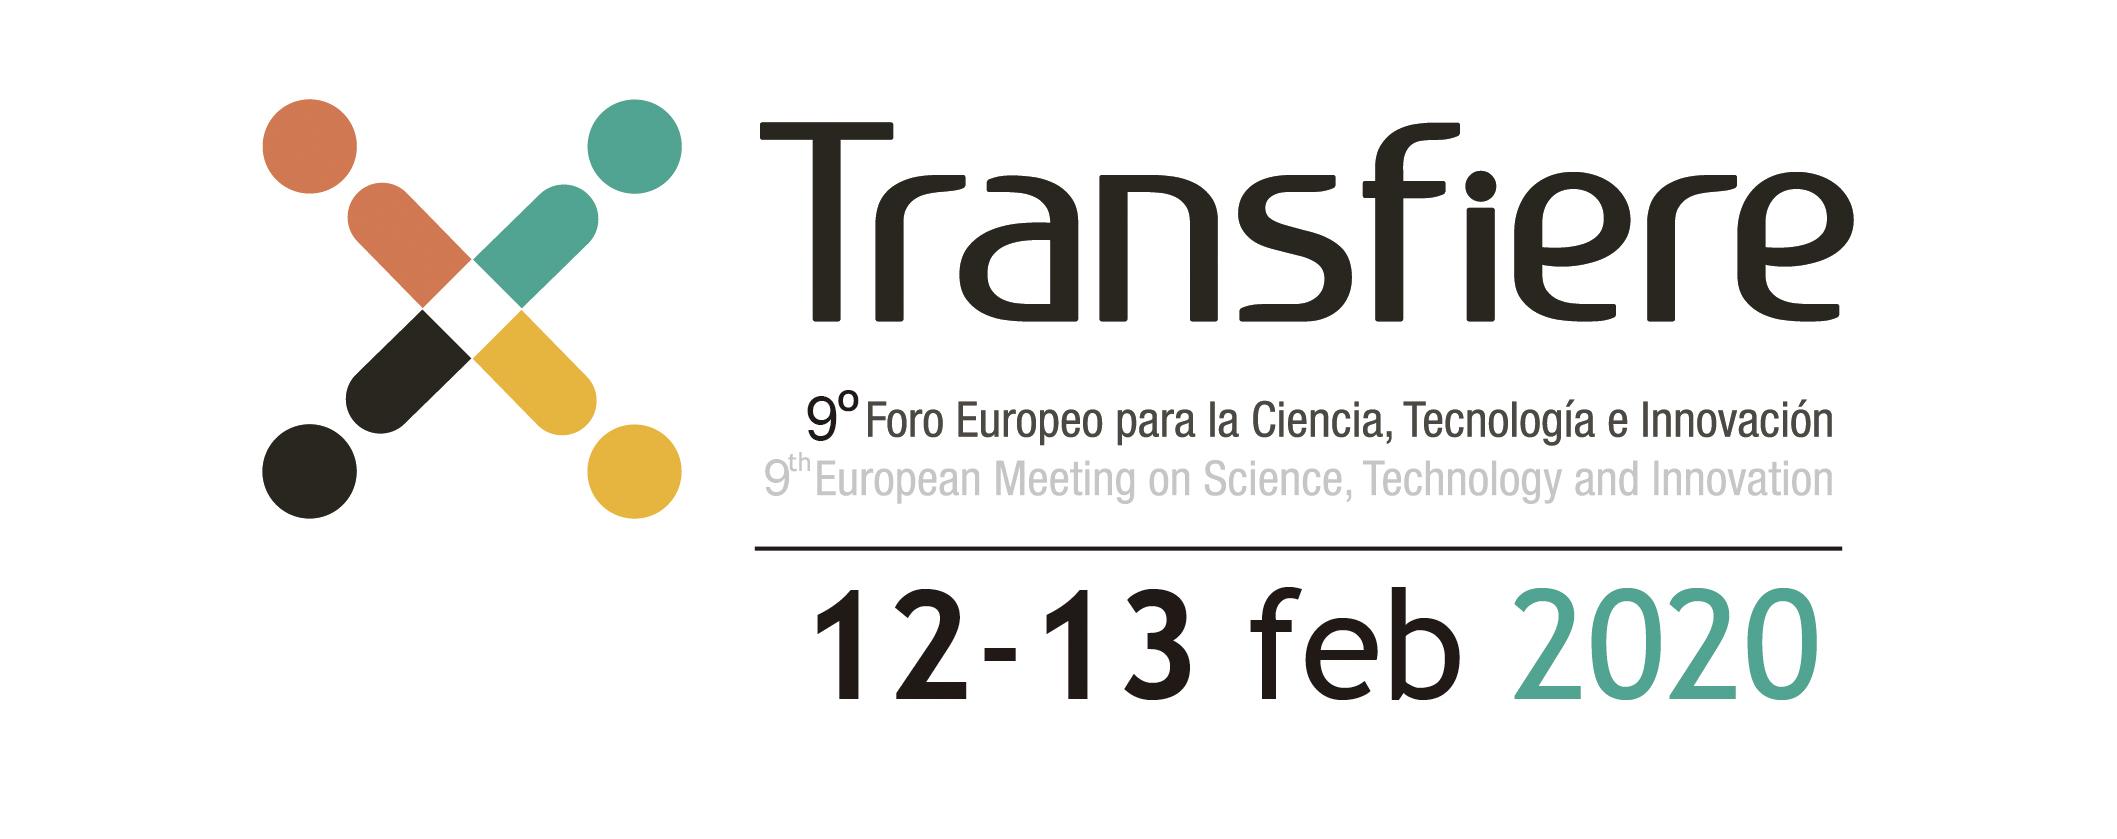 BIOPLAT participa en la novena edición del Foro Europeo para la Ciencia, Tecnología e Innovación – Transfiere 2020